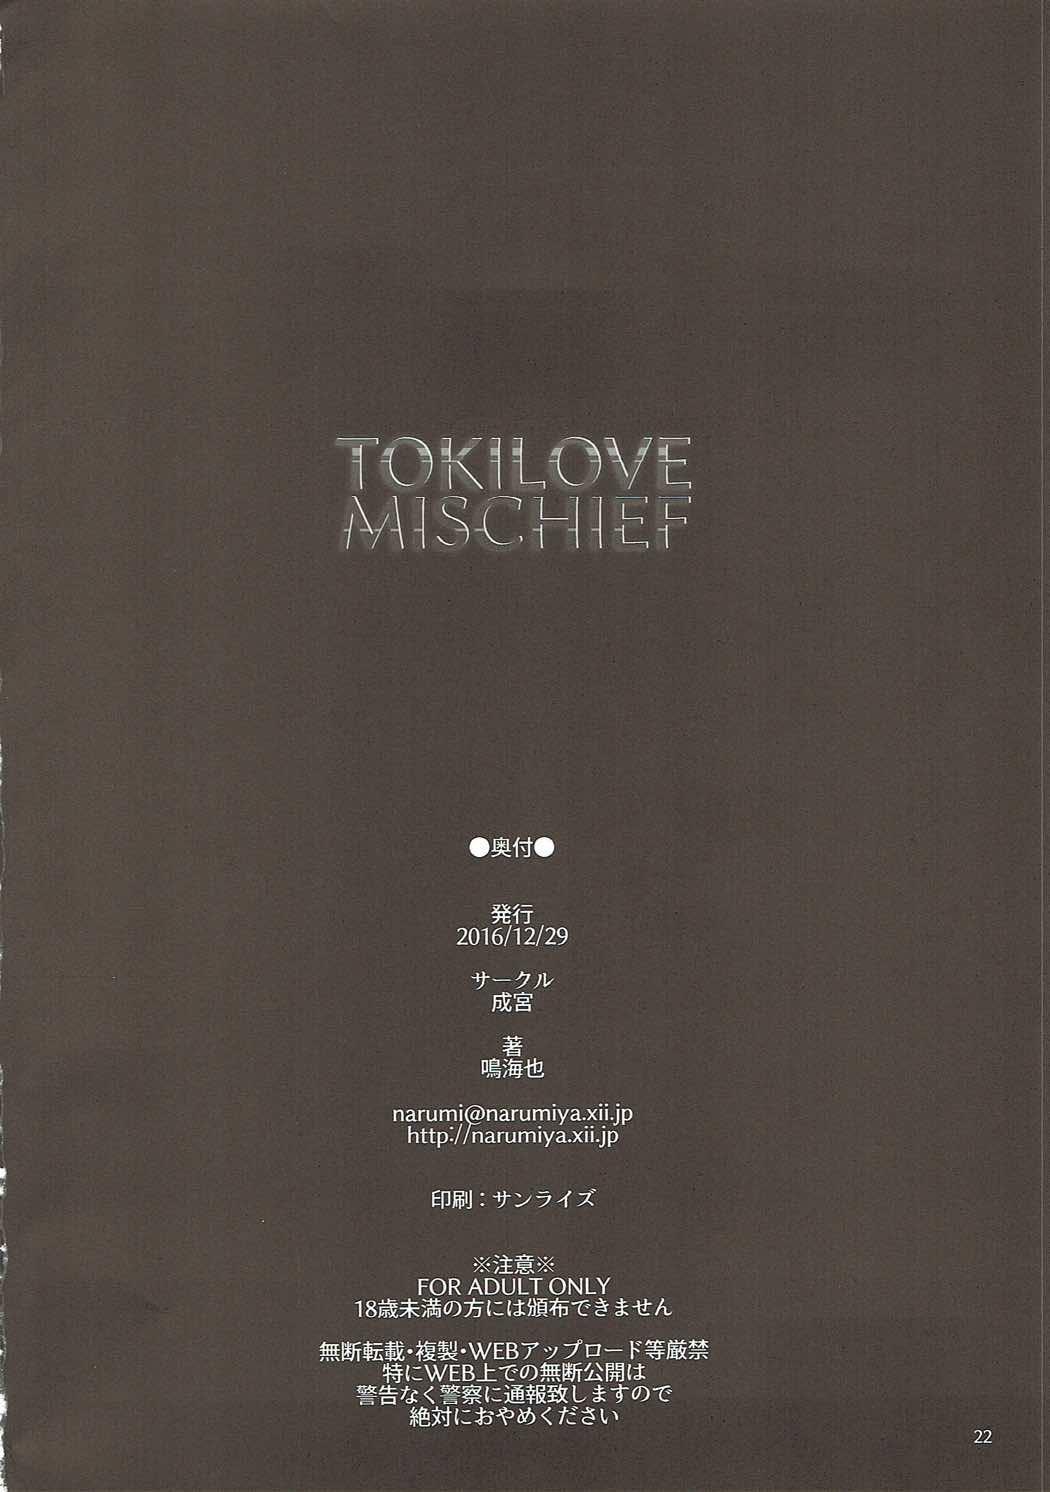 TOKI LOVE MISCHIEF 20